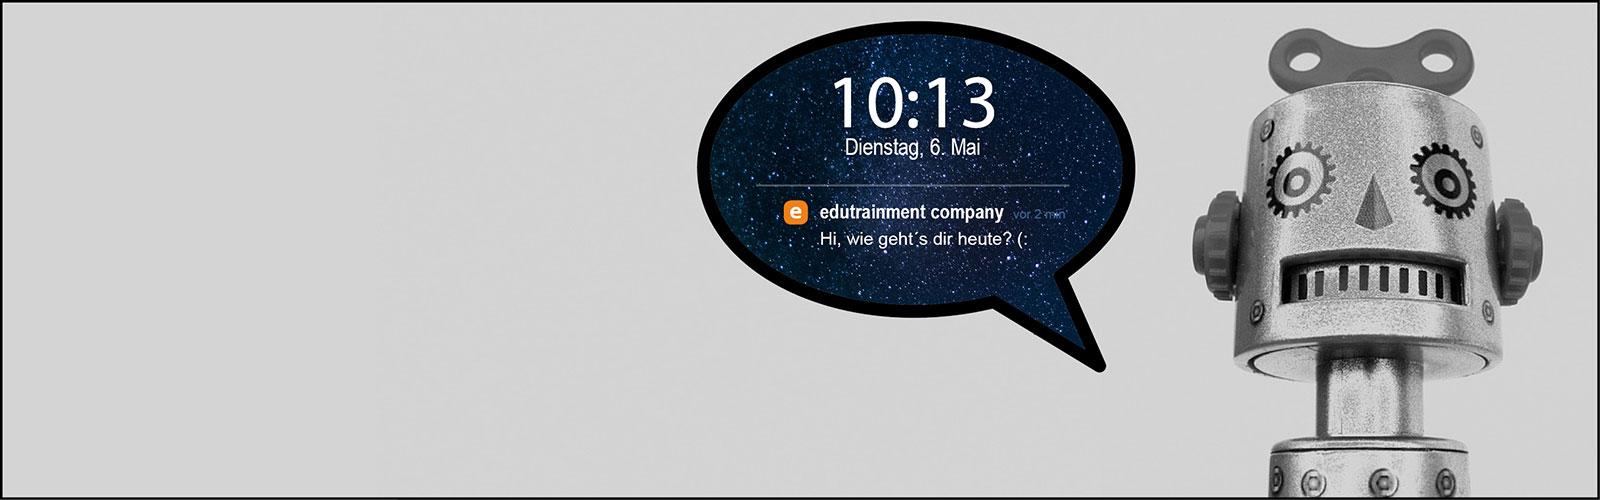 Lernen mit Chatbots: Algorithmenbasierte Lernbegleiter der Zukunft